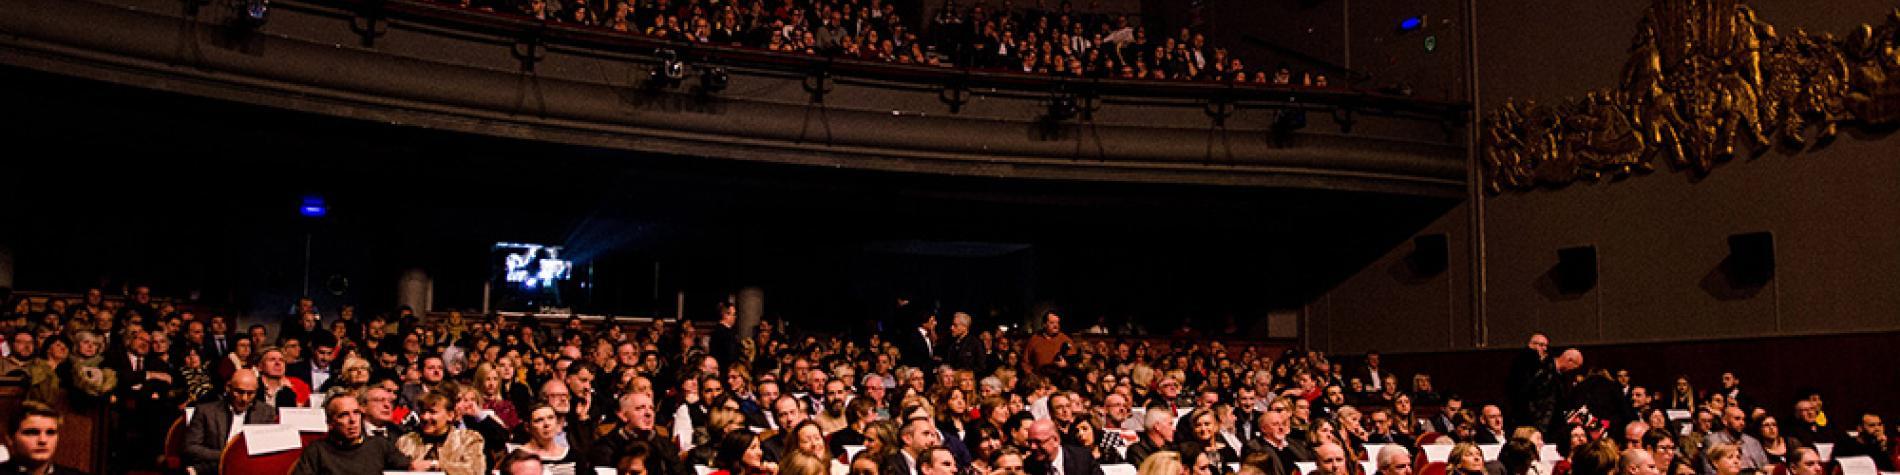 Festival International du Film Mons -Public